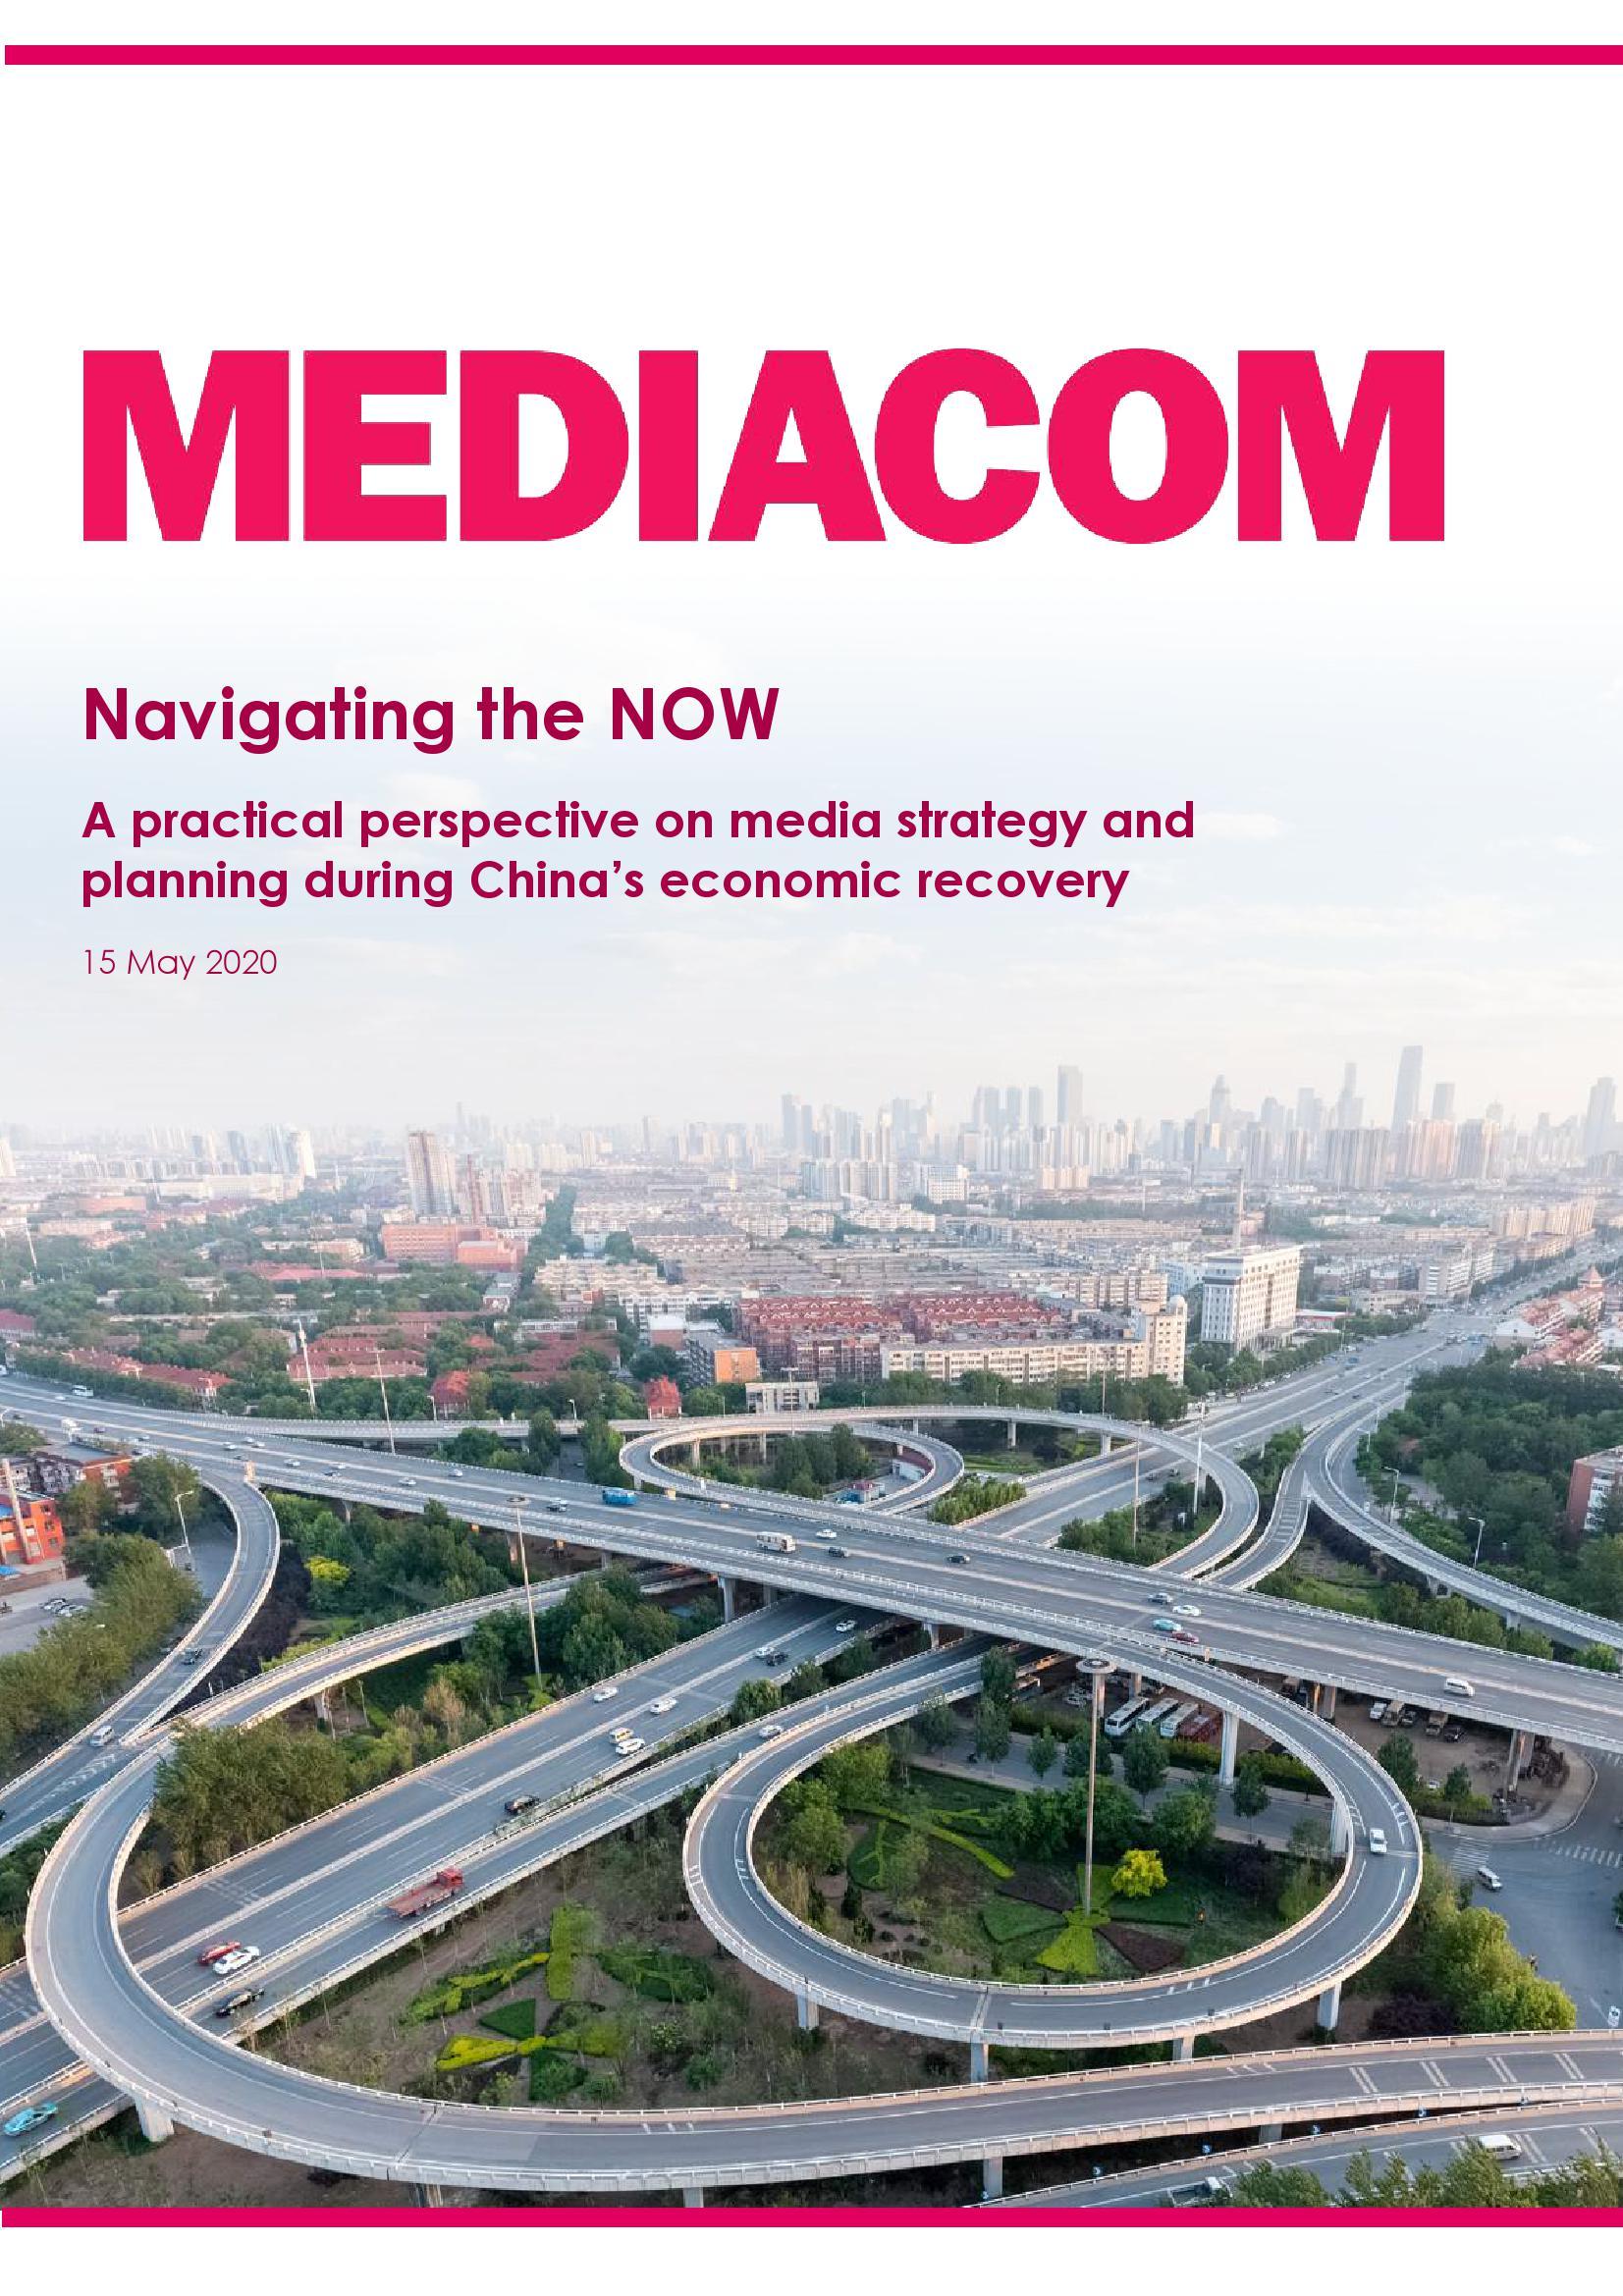 竞立中国:Navigating the Now拥抱当下(附下载)